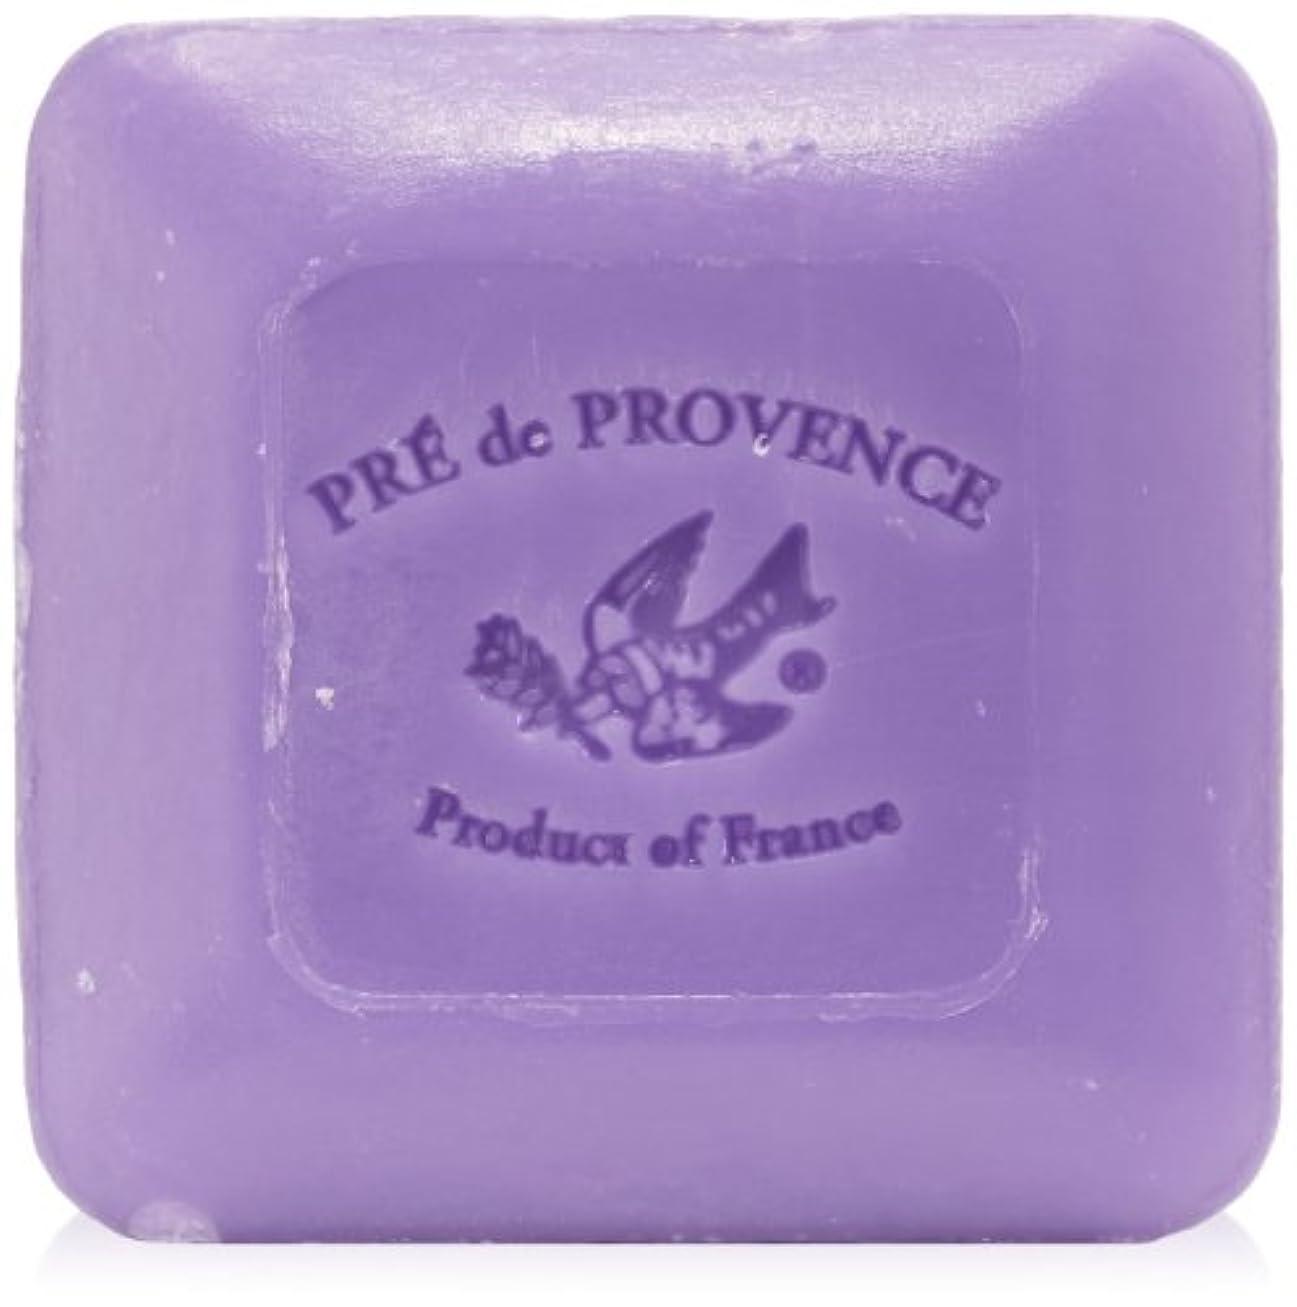 計算する贈り物ソーシャルPRE de PROVENCE シアバター エンリッチドソープ ギフトパック ジャスミン JASMIN プレ ドゥ プロヴァンス Shea Butter Enriched Soap